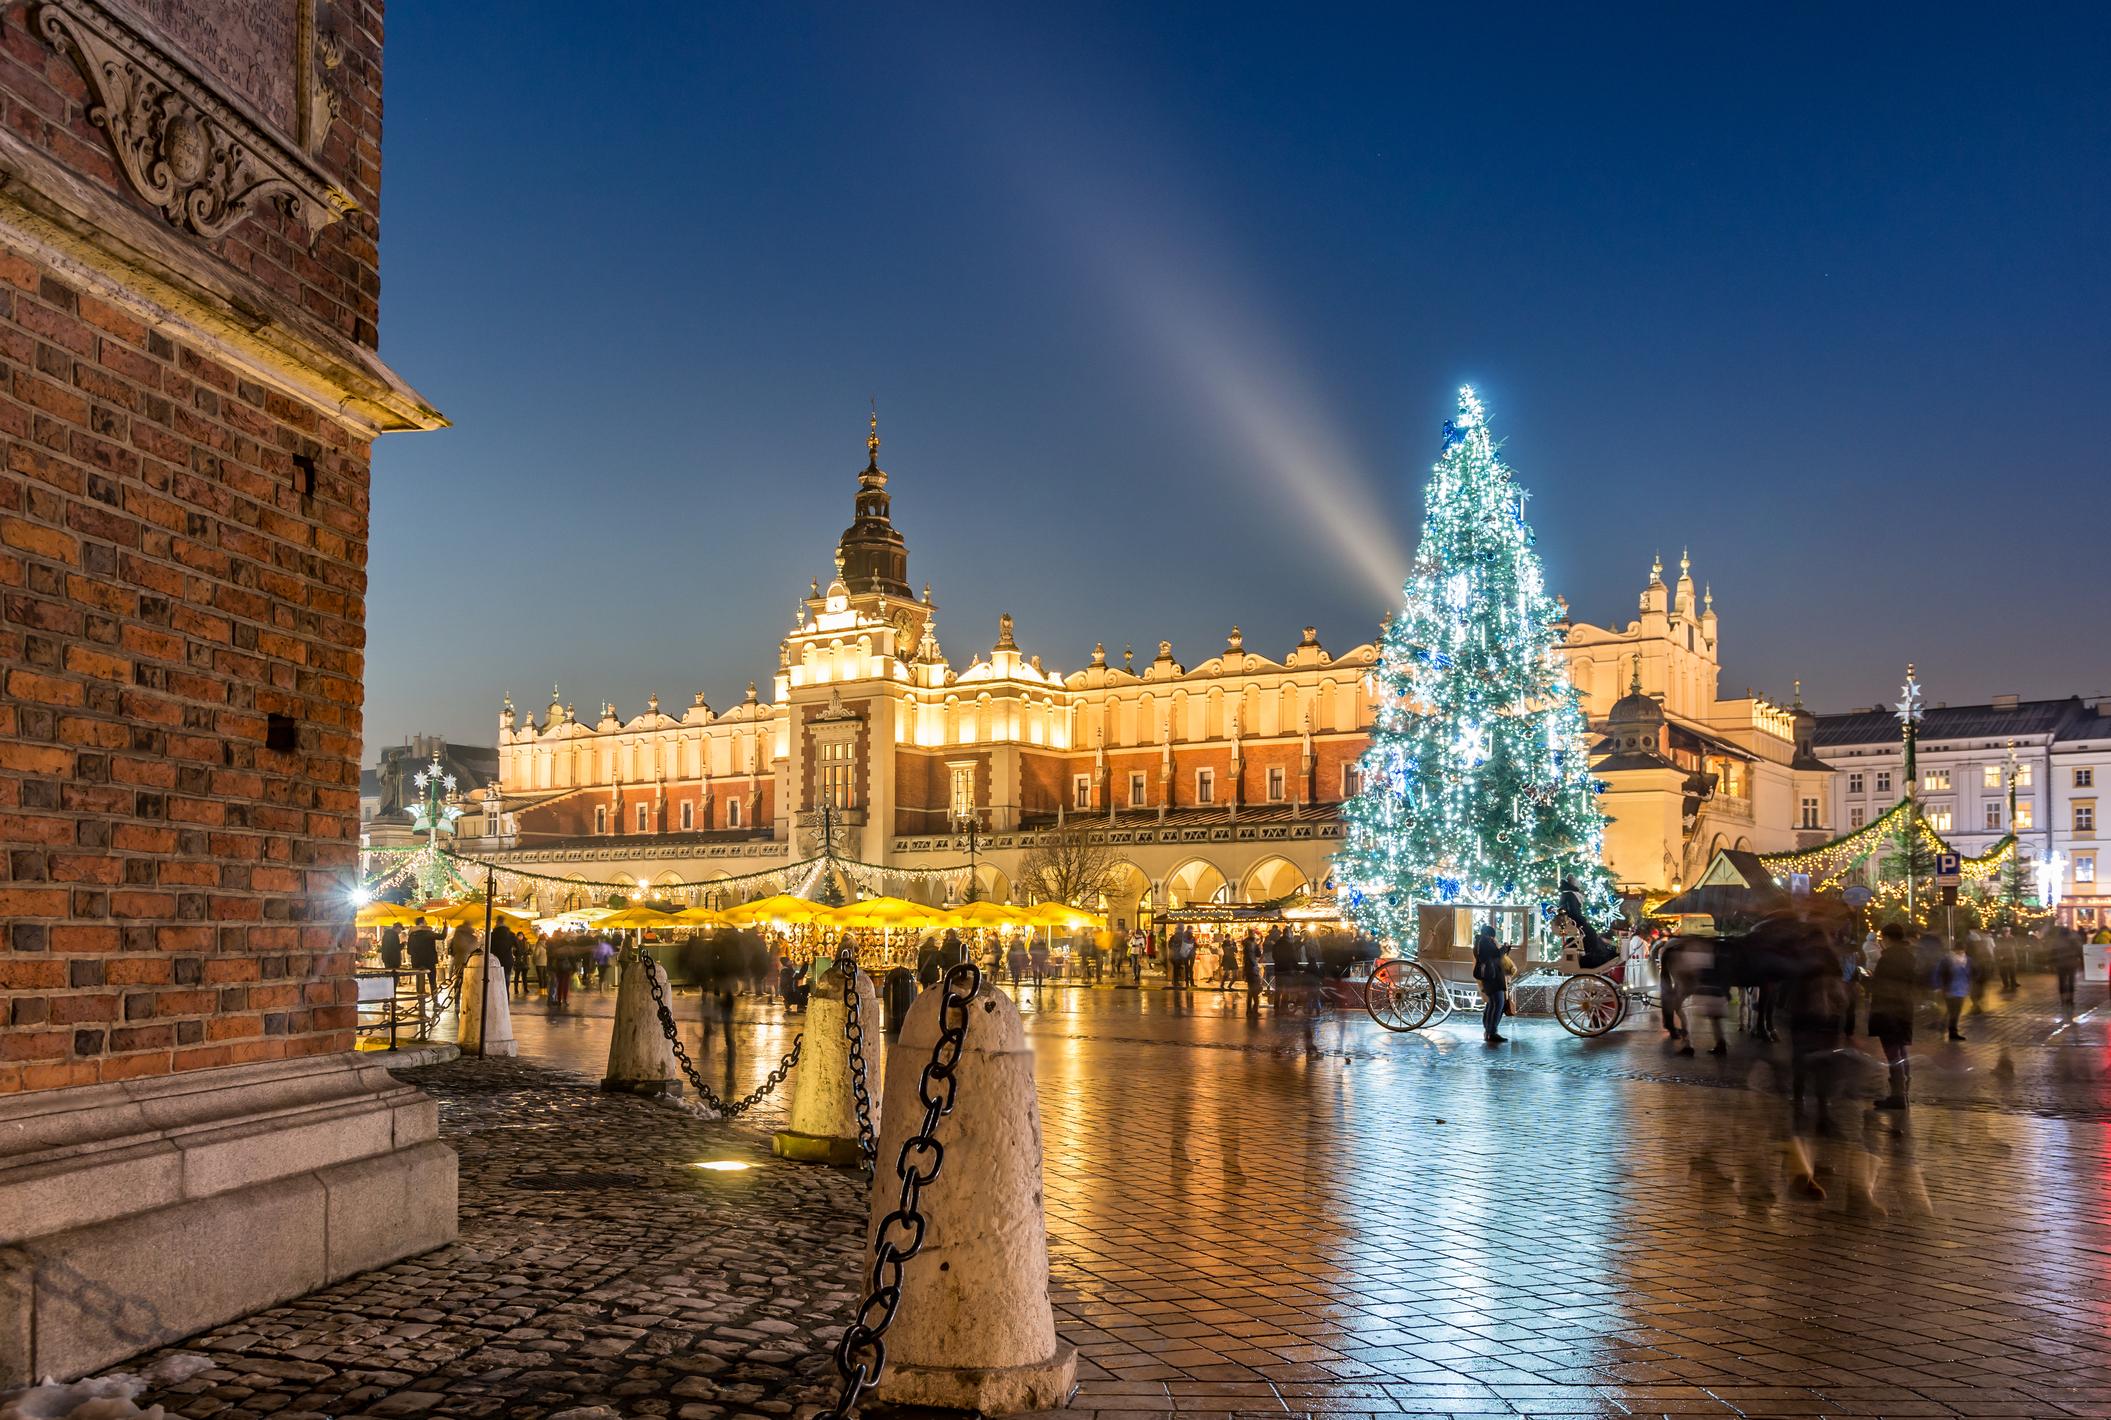 Vive la navidad en Rynek Glowny - Polonia Circuito Mercadillos de Navidad en Cracovia